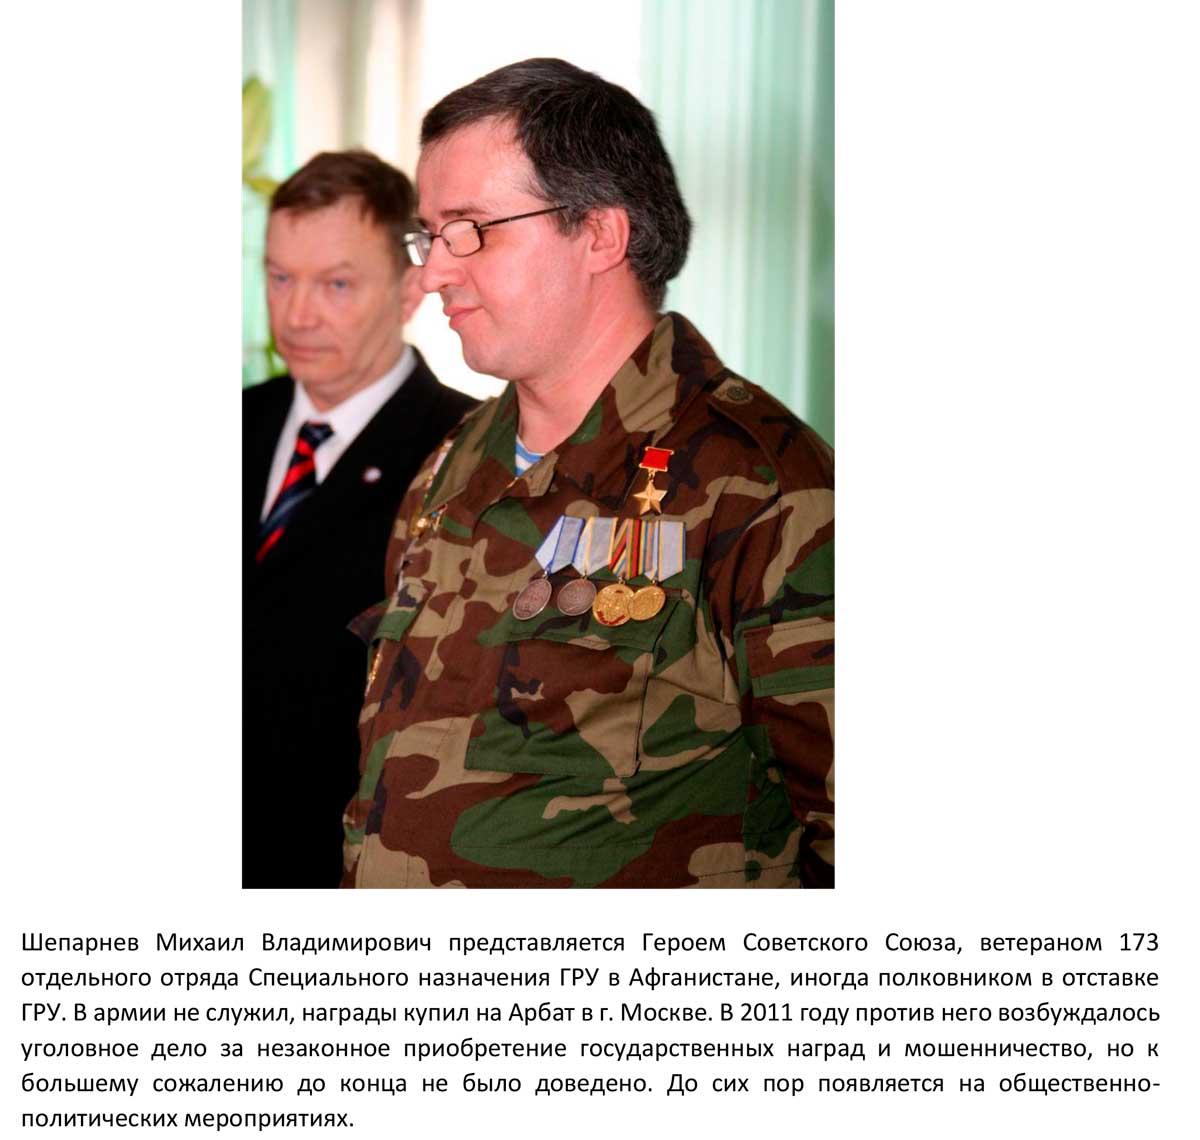 Шепарнев Михаил Владимирович